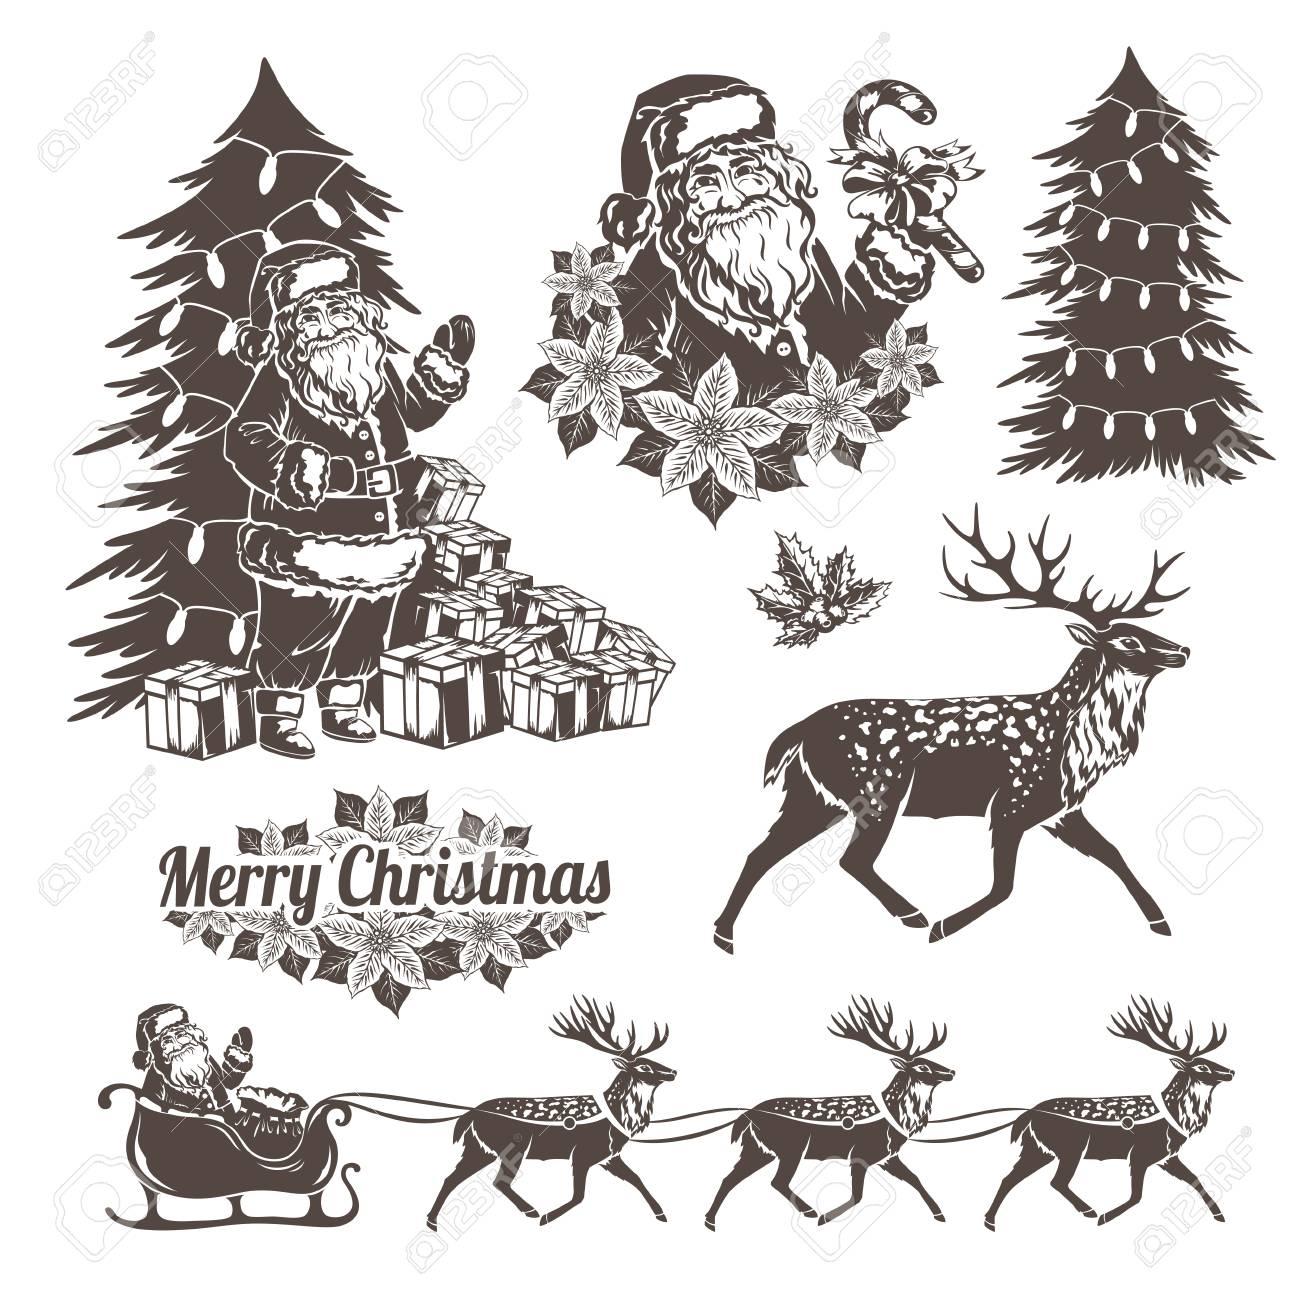 Pochoir Pere Noel.Décorations De Noël Dans Le Style De Pochoir Père Noël Rennes Des Arbres Et Des Cadeaux De Noël